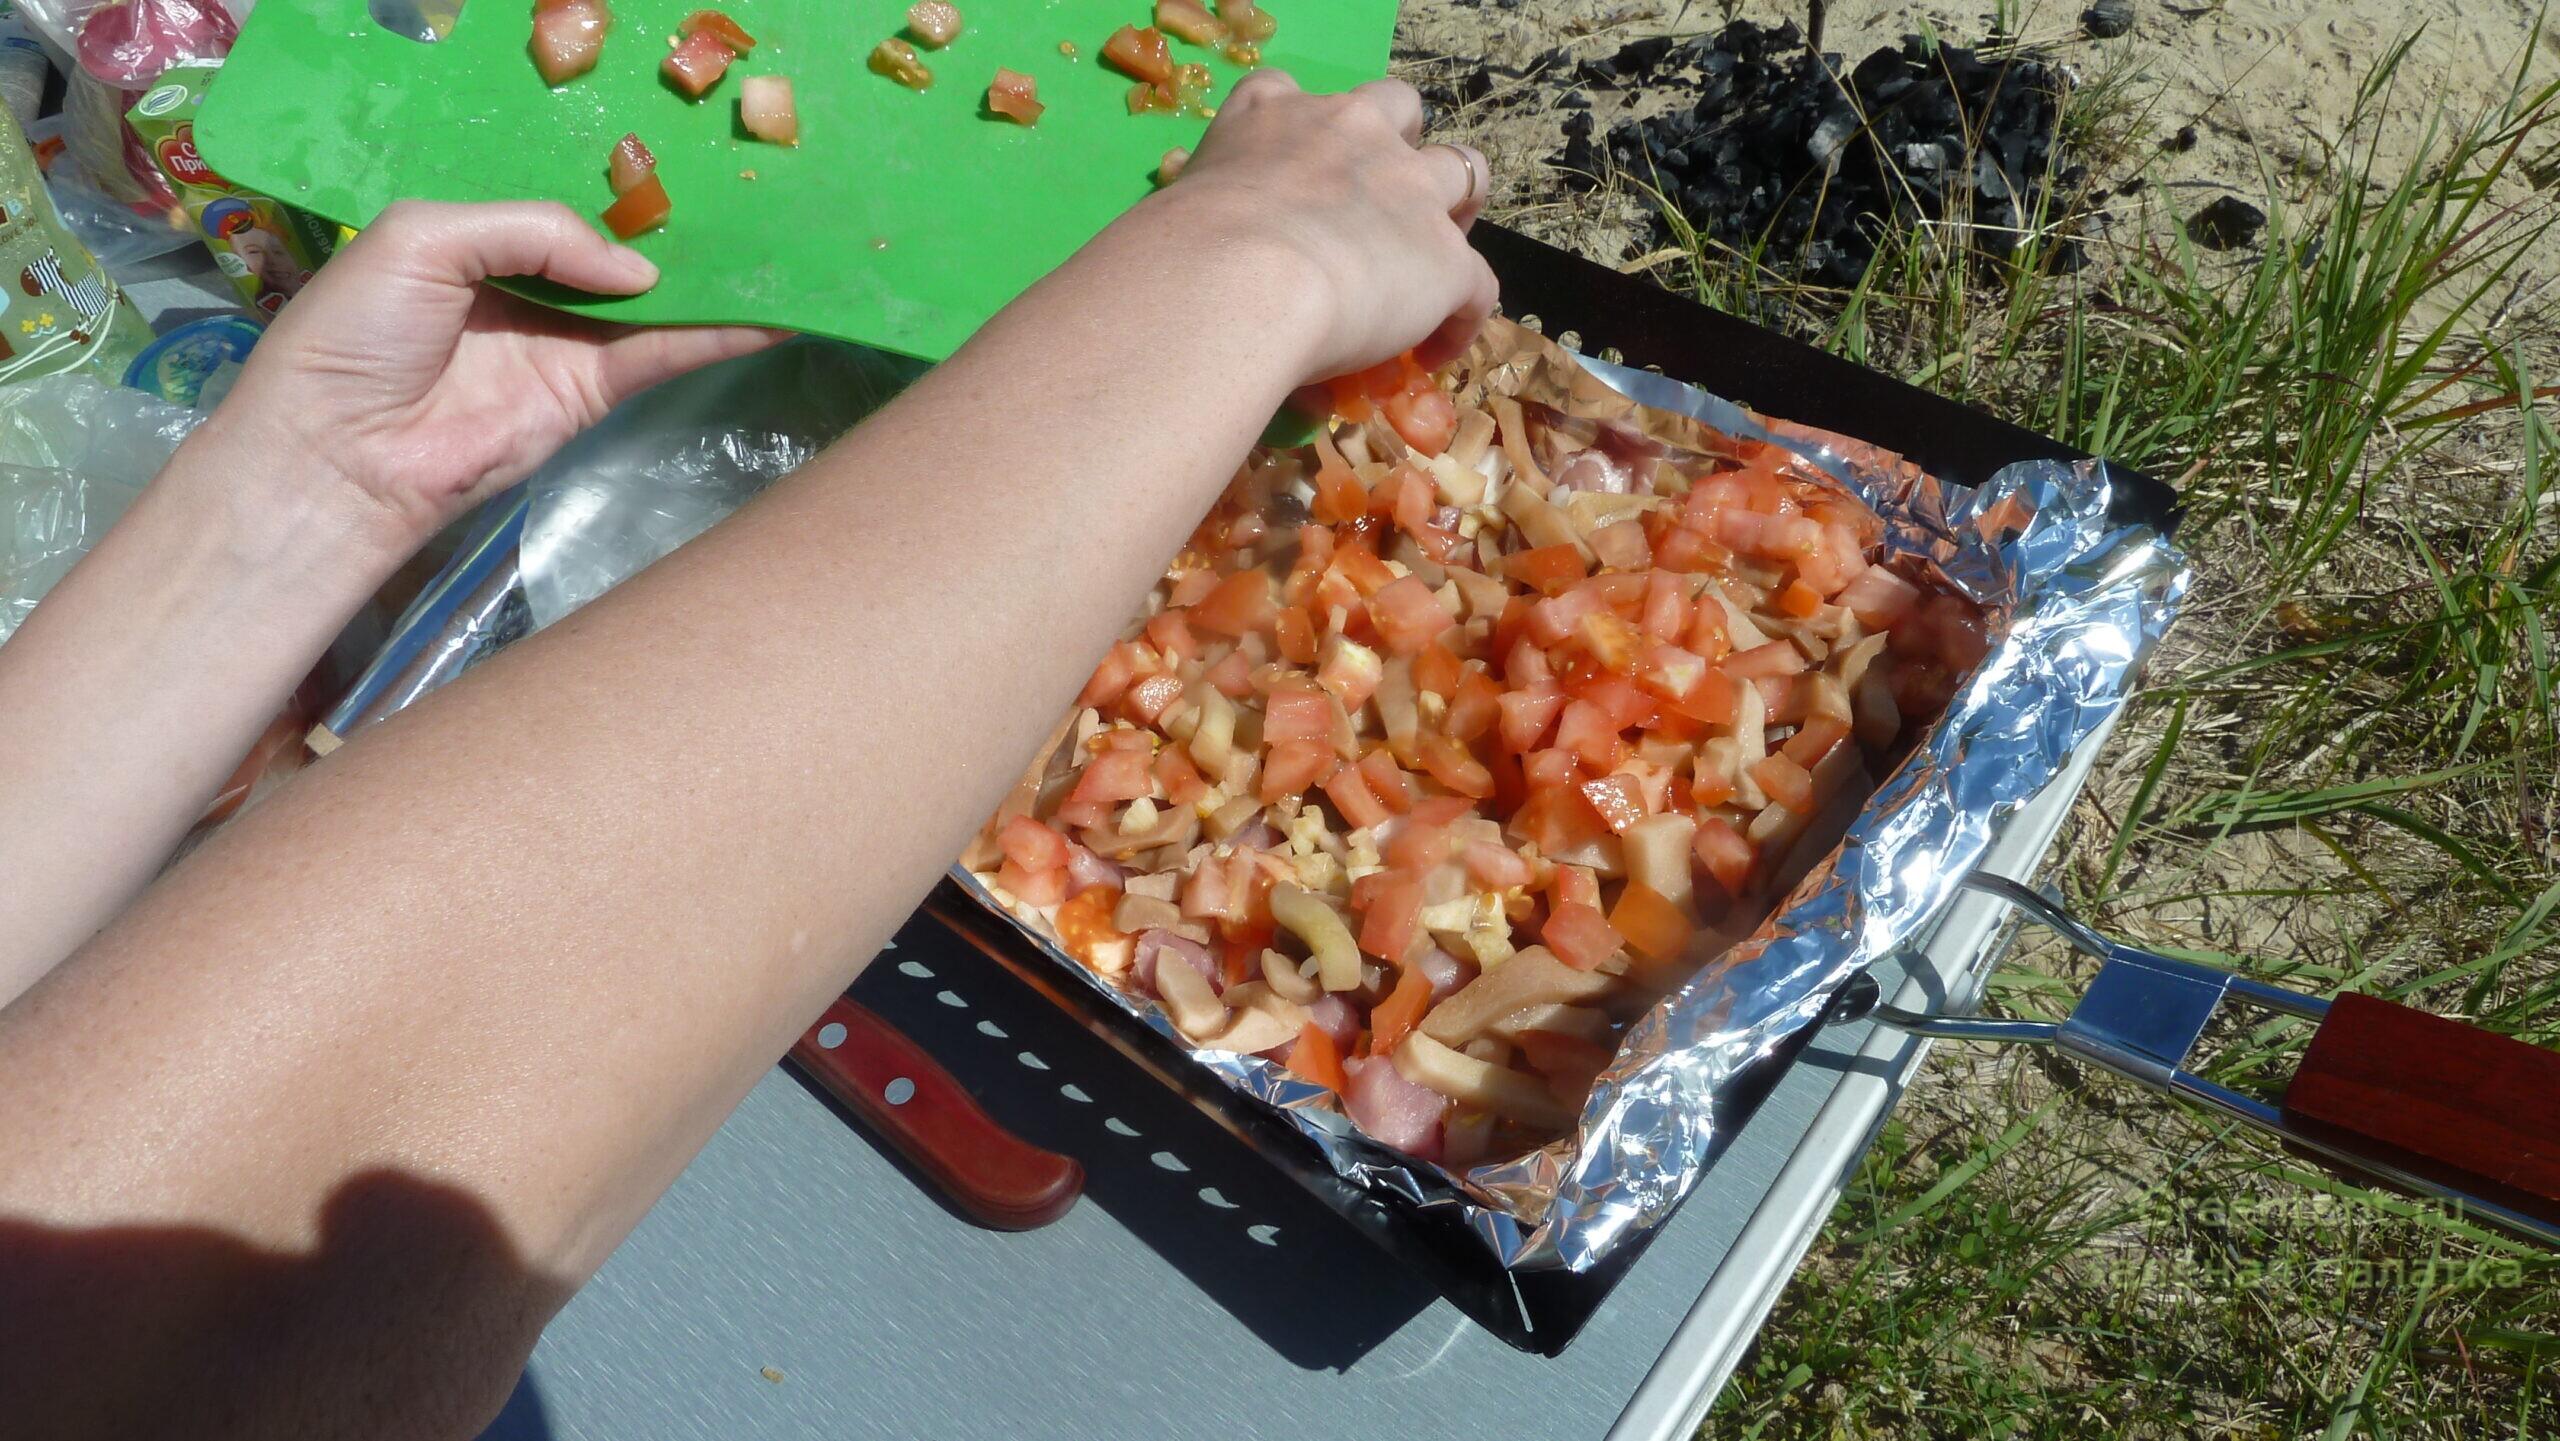 сковорода гриль готовить на природе еда отдых туризм костер рецепт мясо